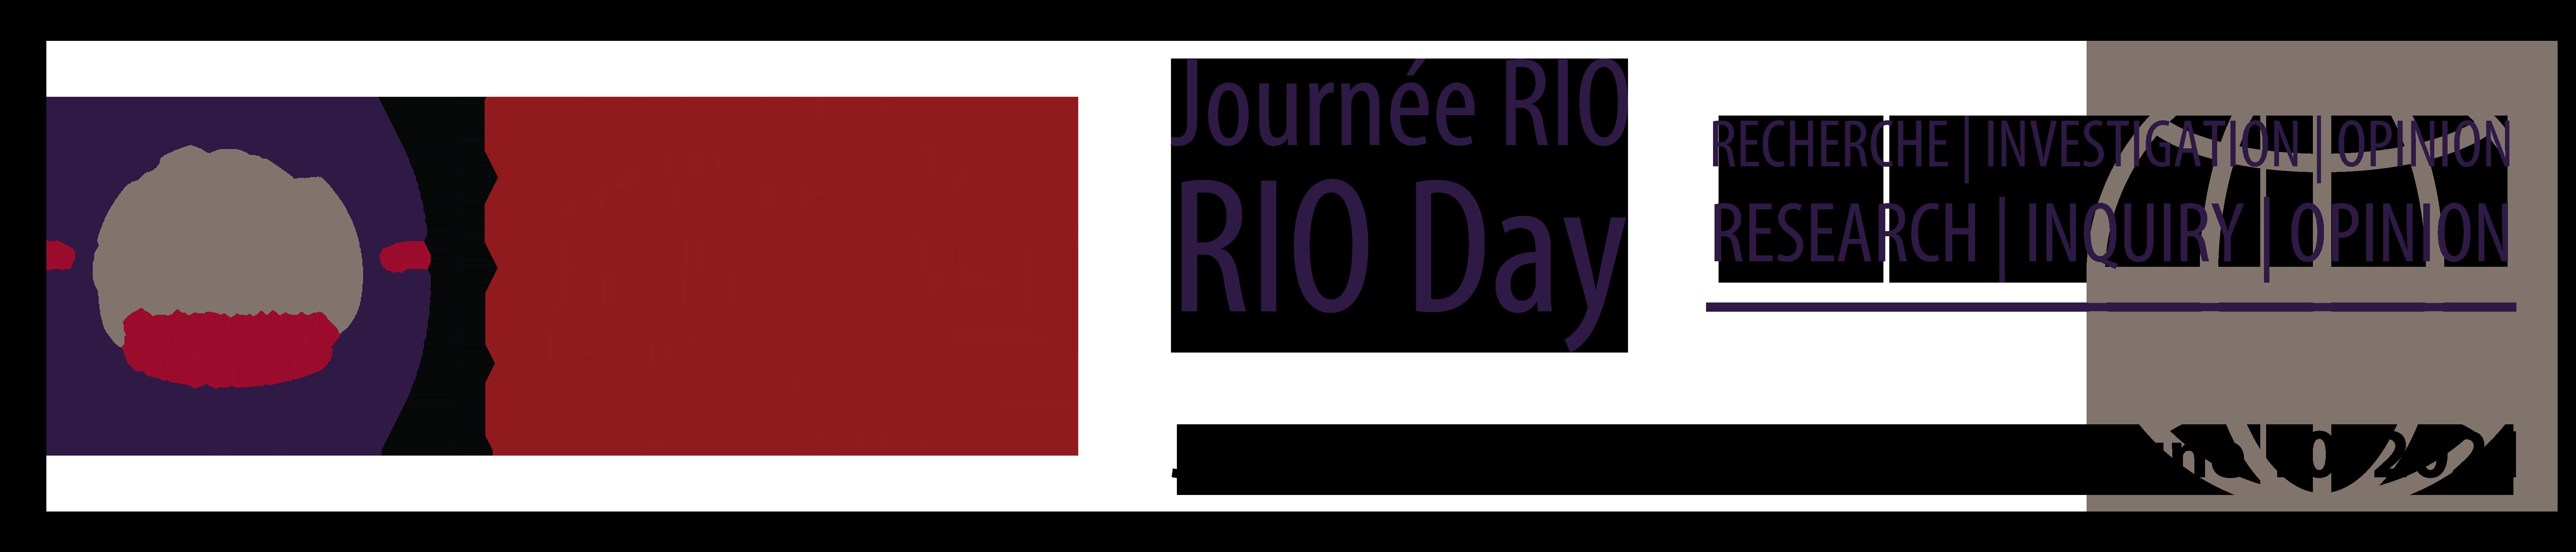 RIO Day 2021